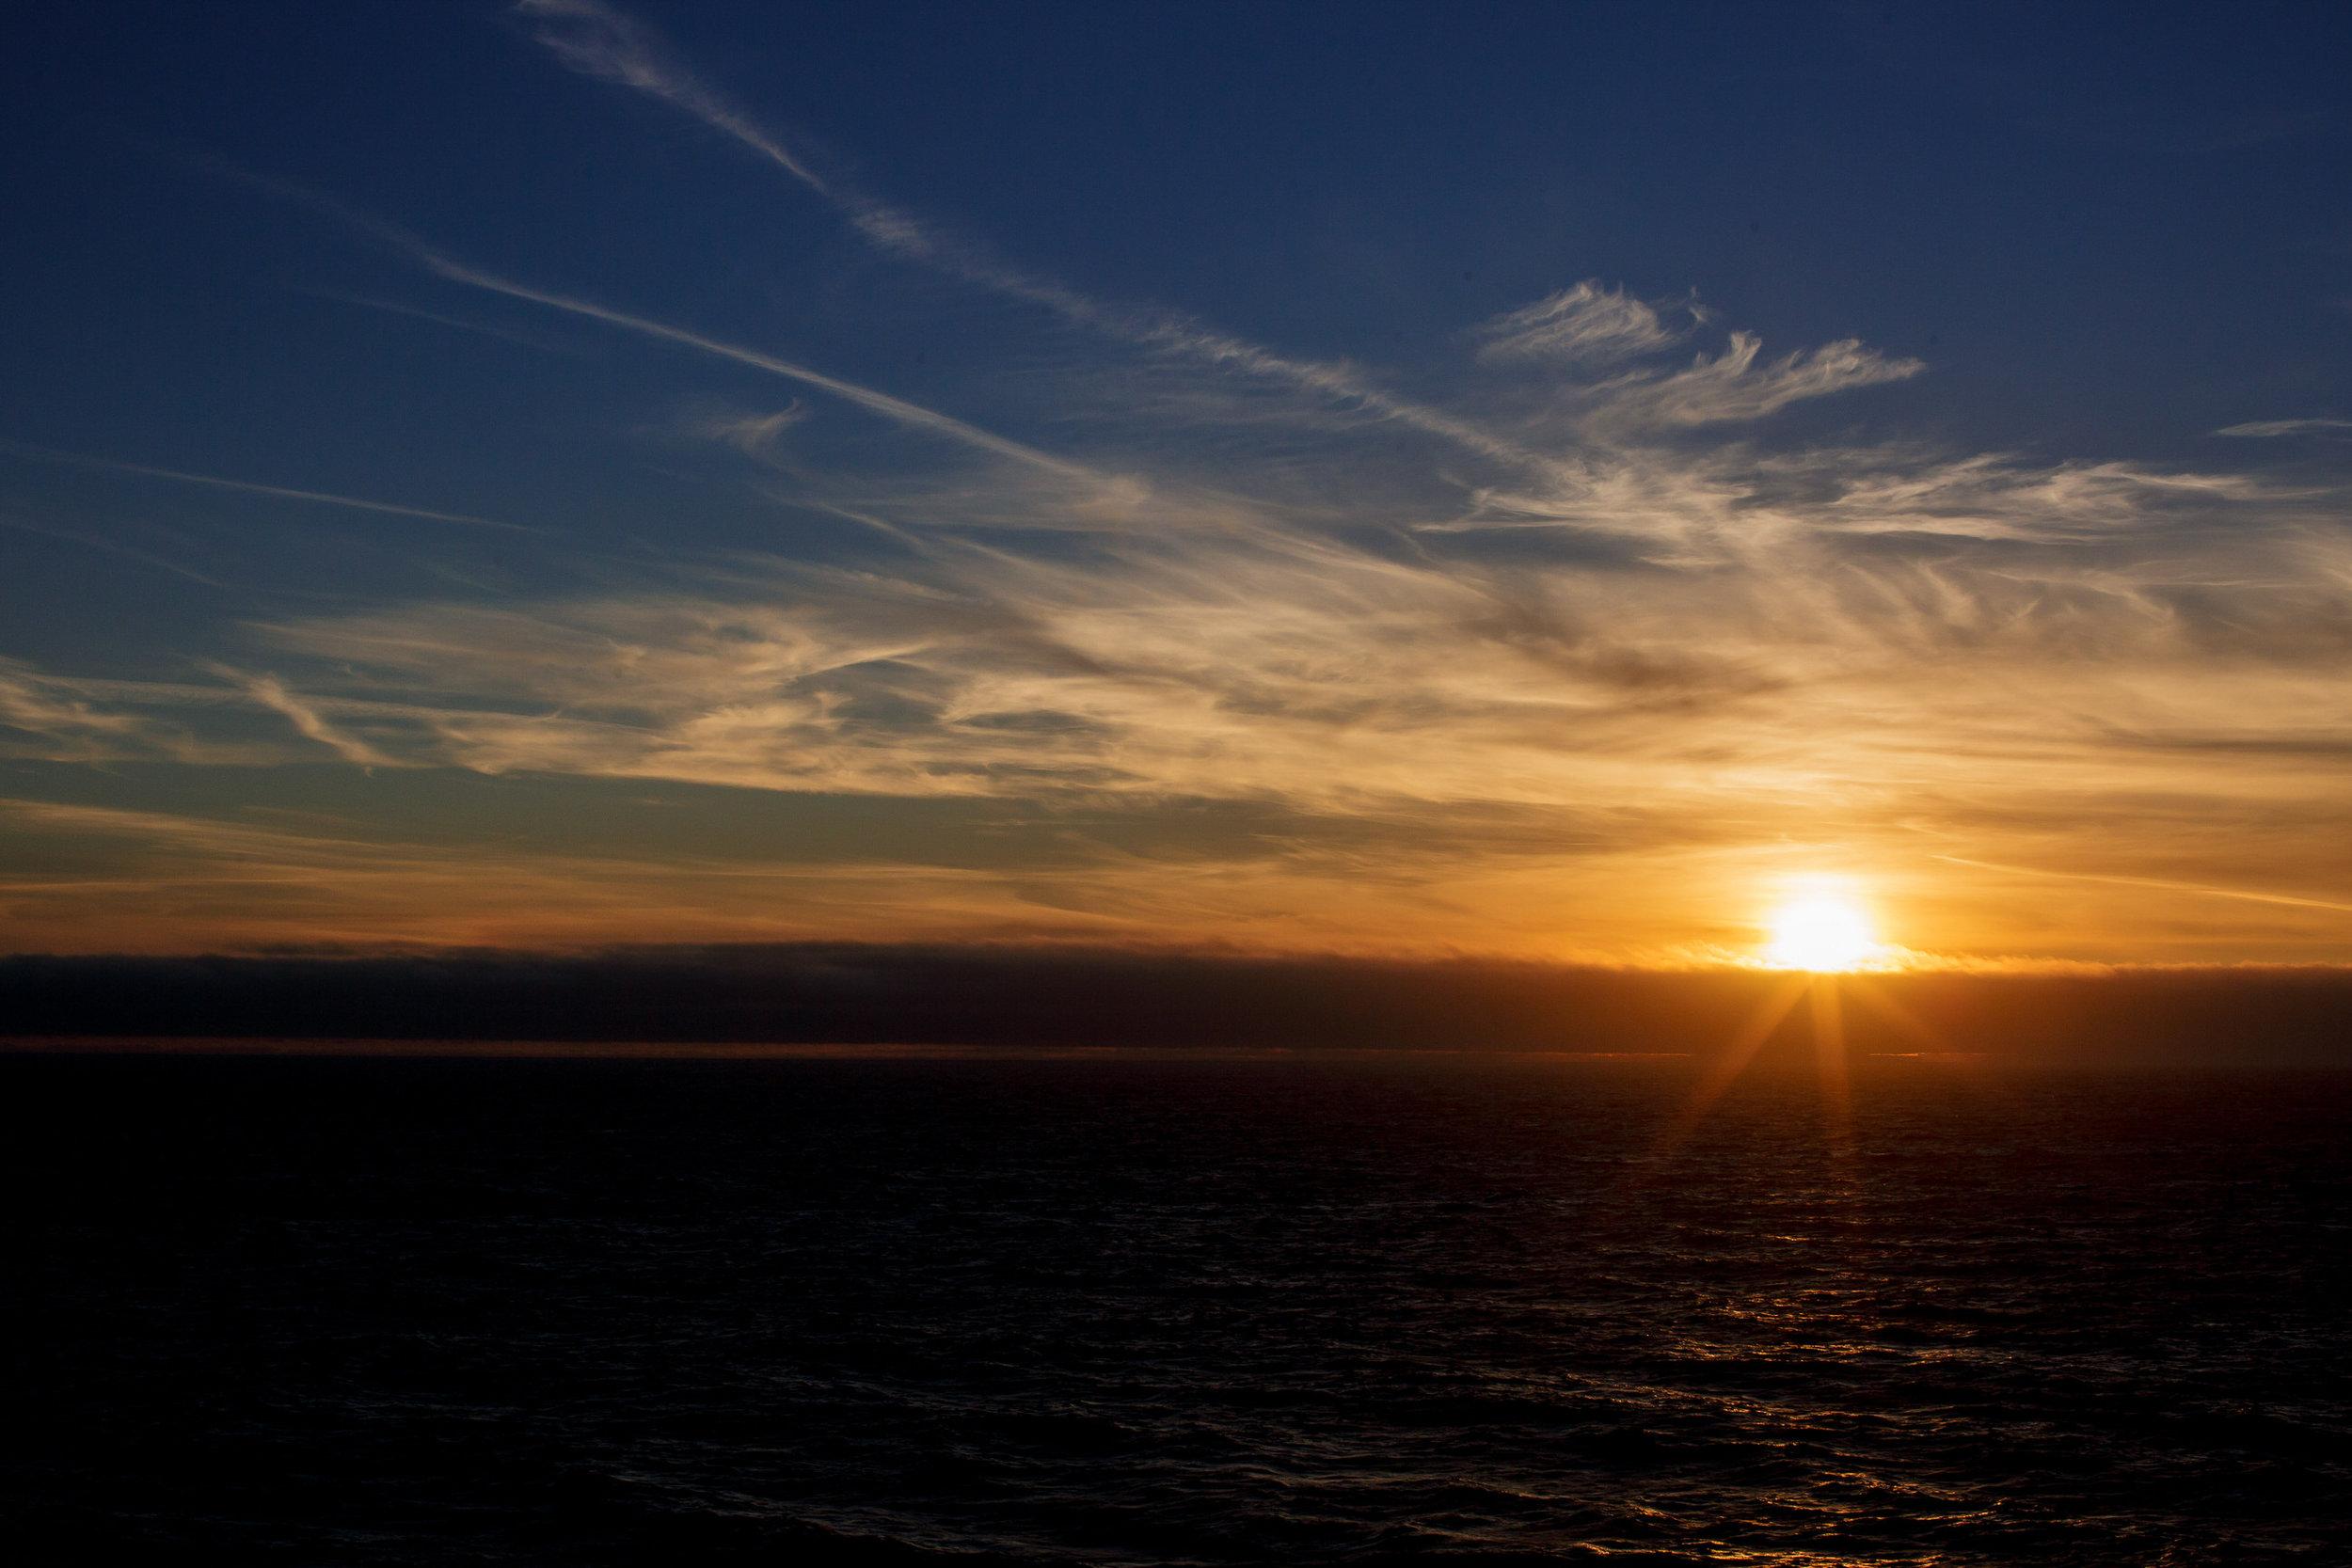 sunset at sea princess alaska tiny house photo